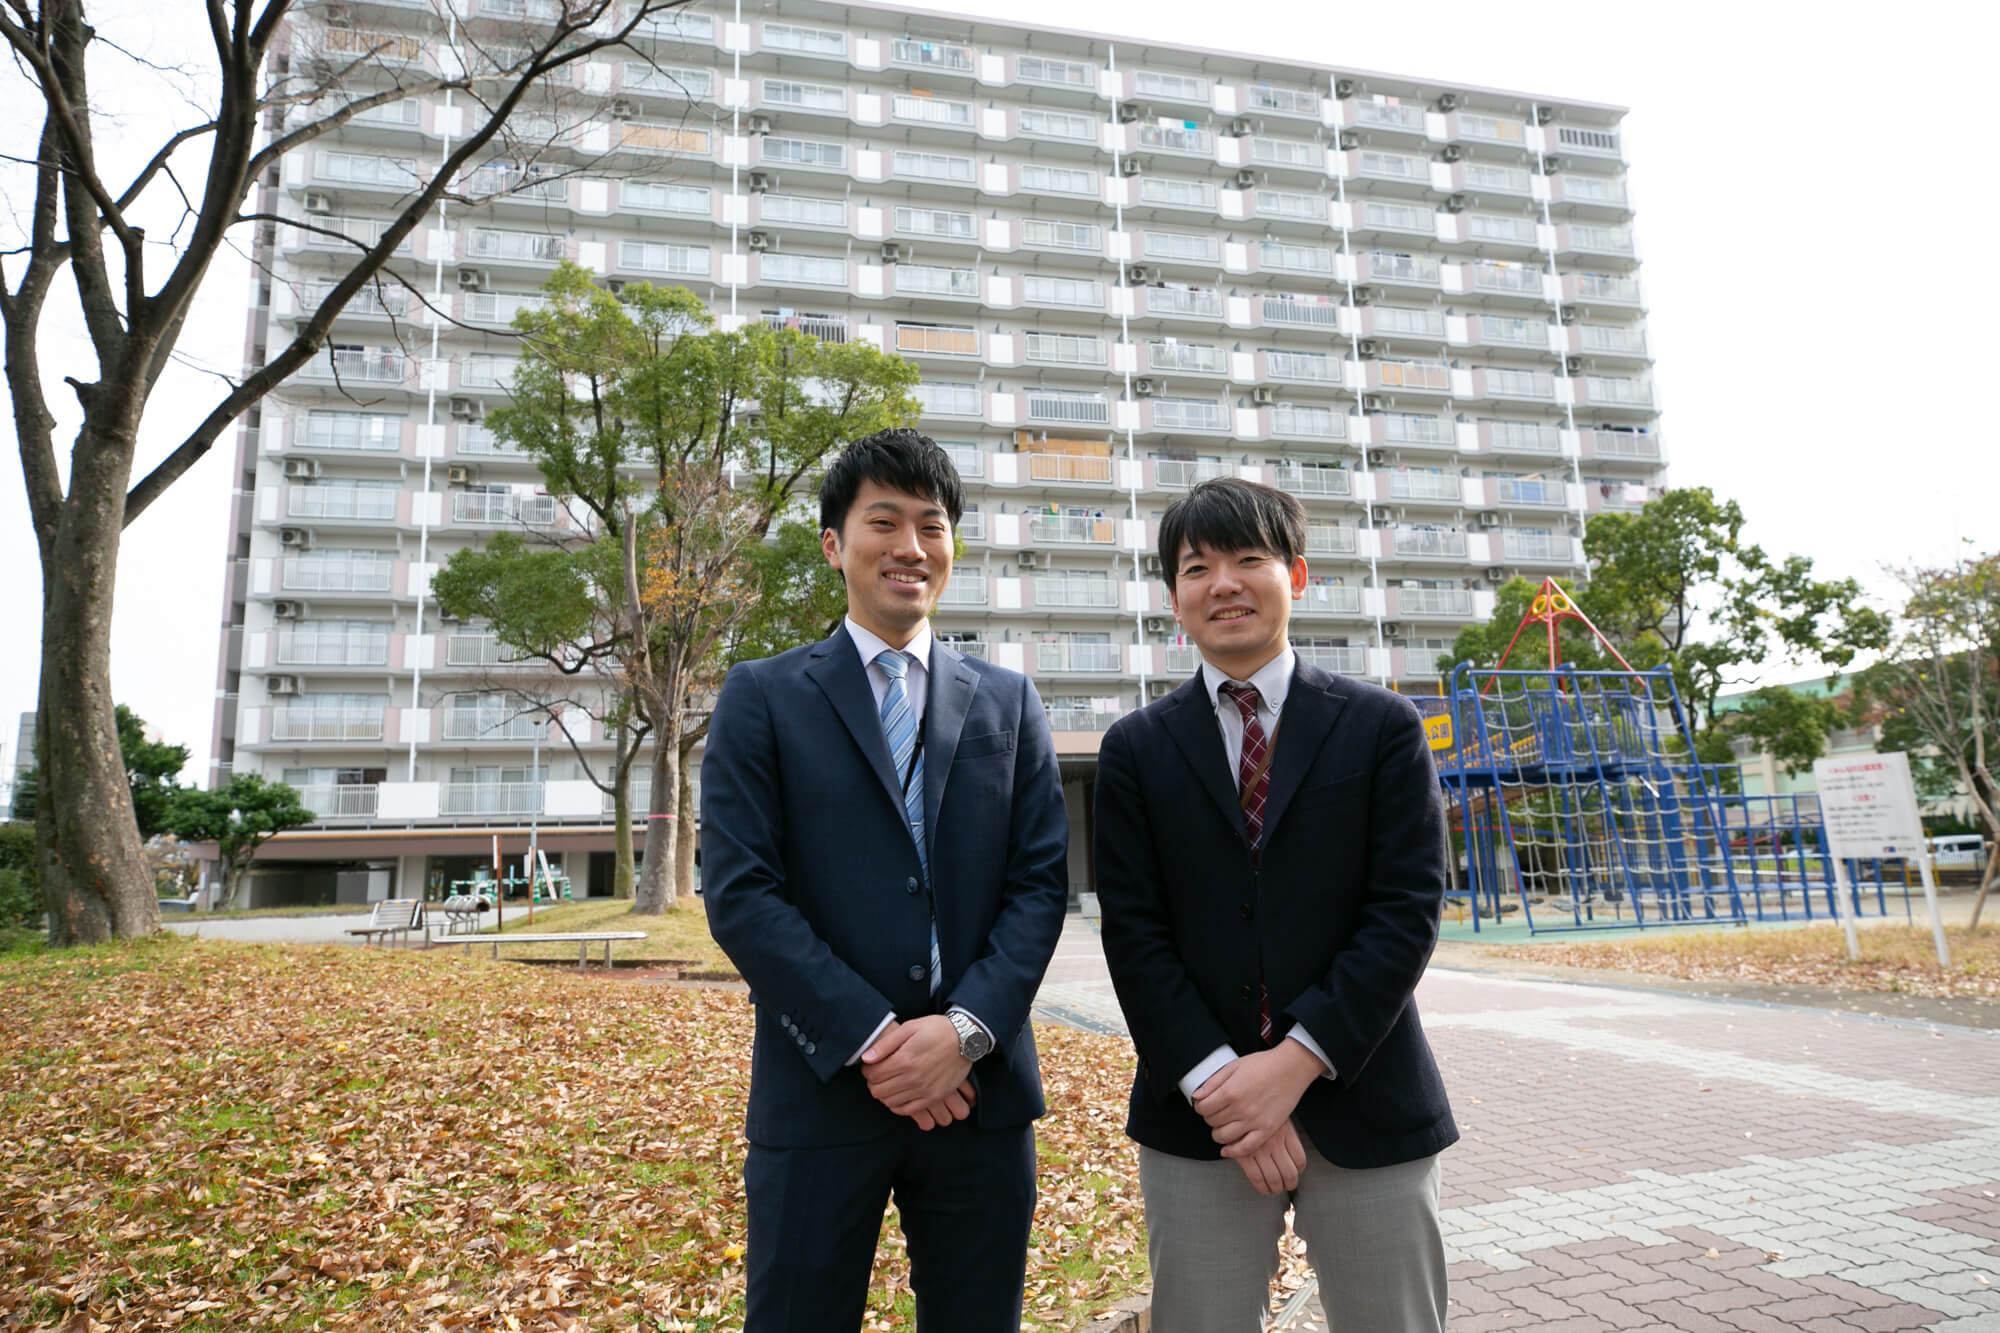 ご案内してくださったのは、UR都市機構の稲田さん(左)と大井さん(右)。